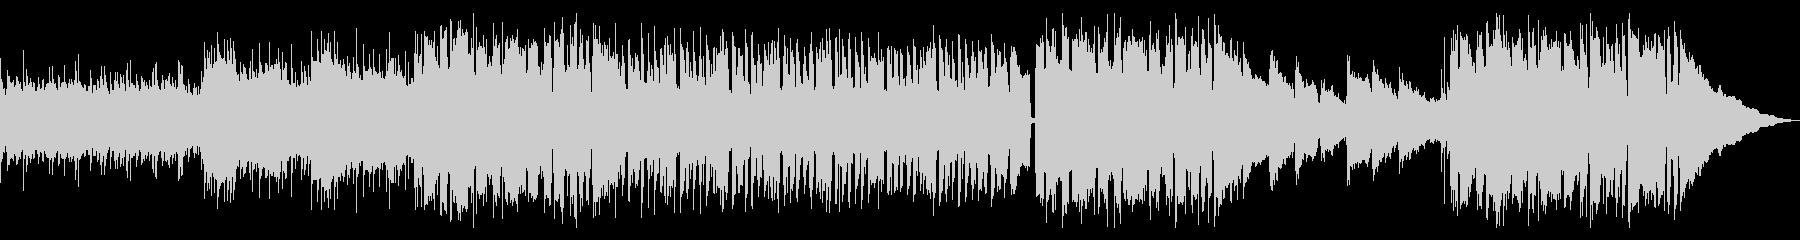 透明感あるポップス(バンド演奏)の未再生の波形